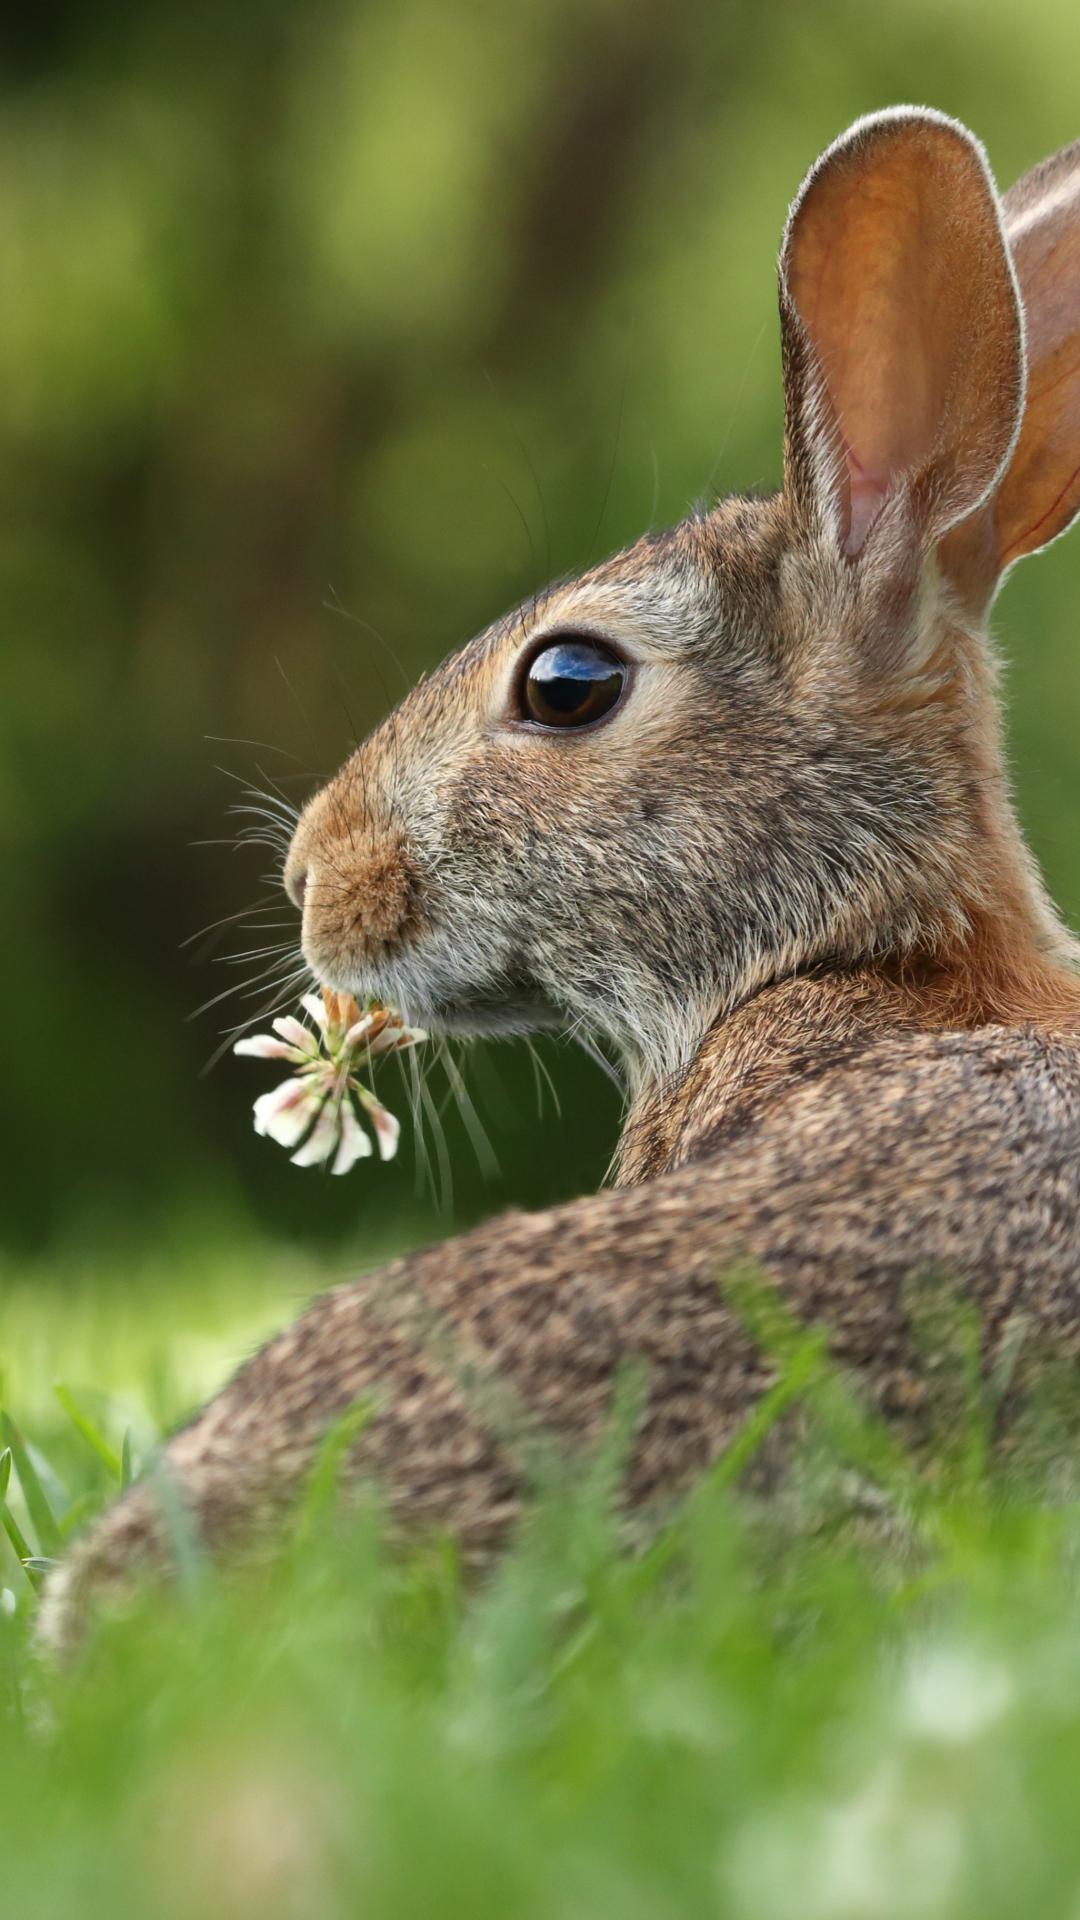 A Bunny iPhone Wallpaper